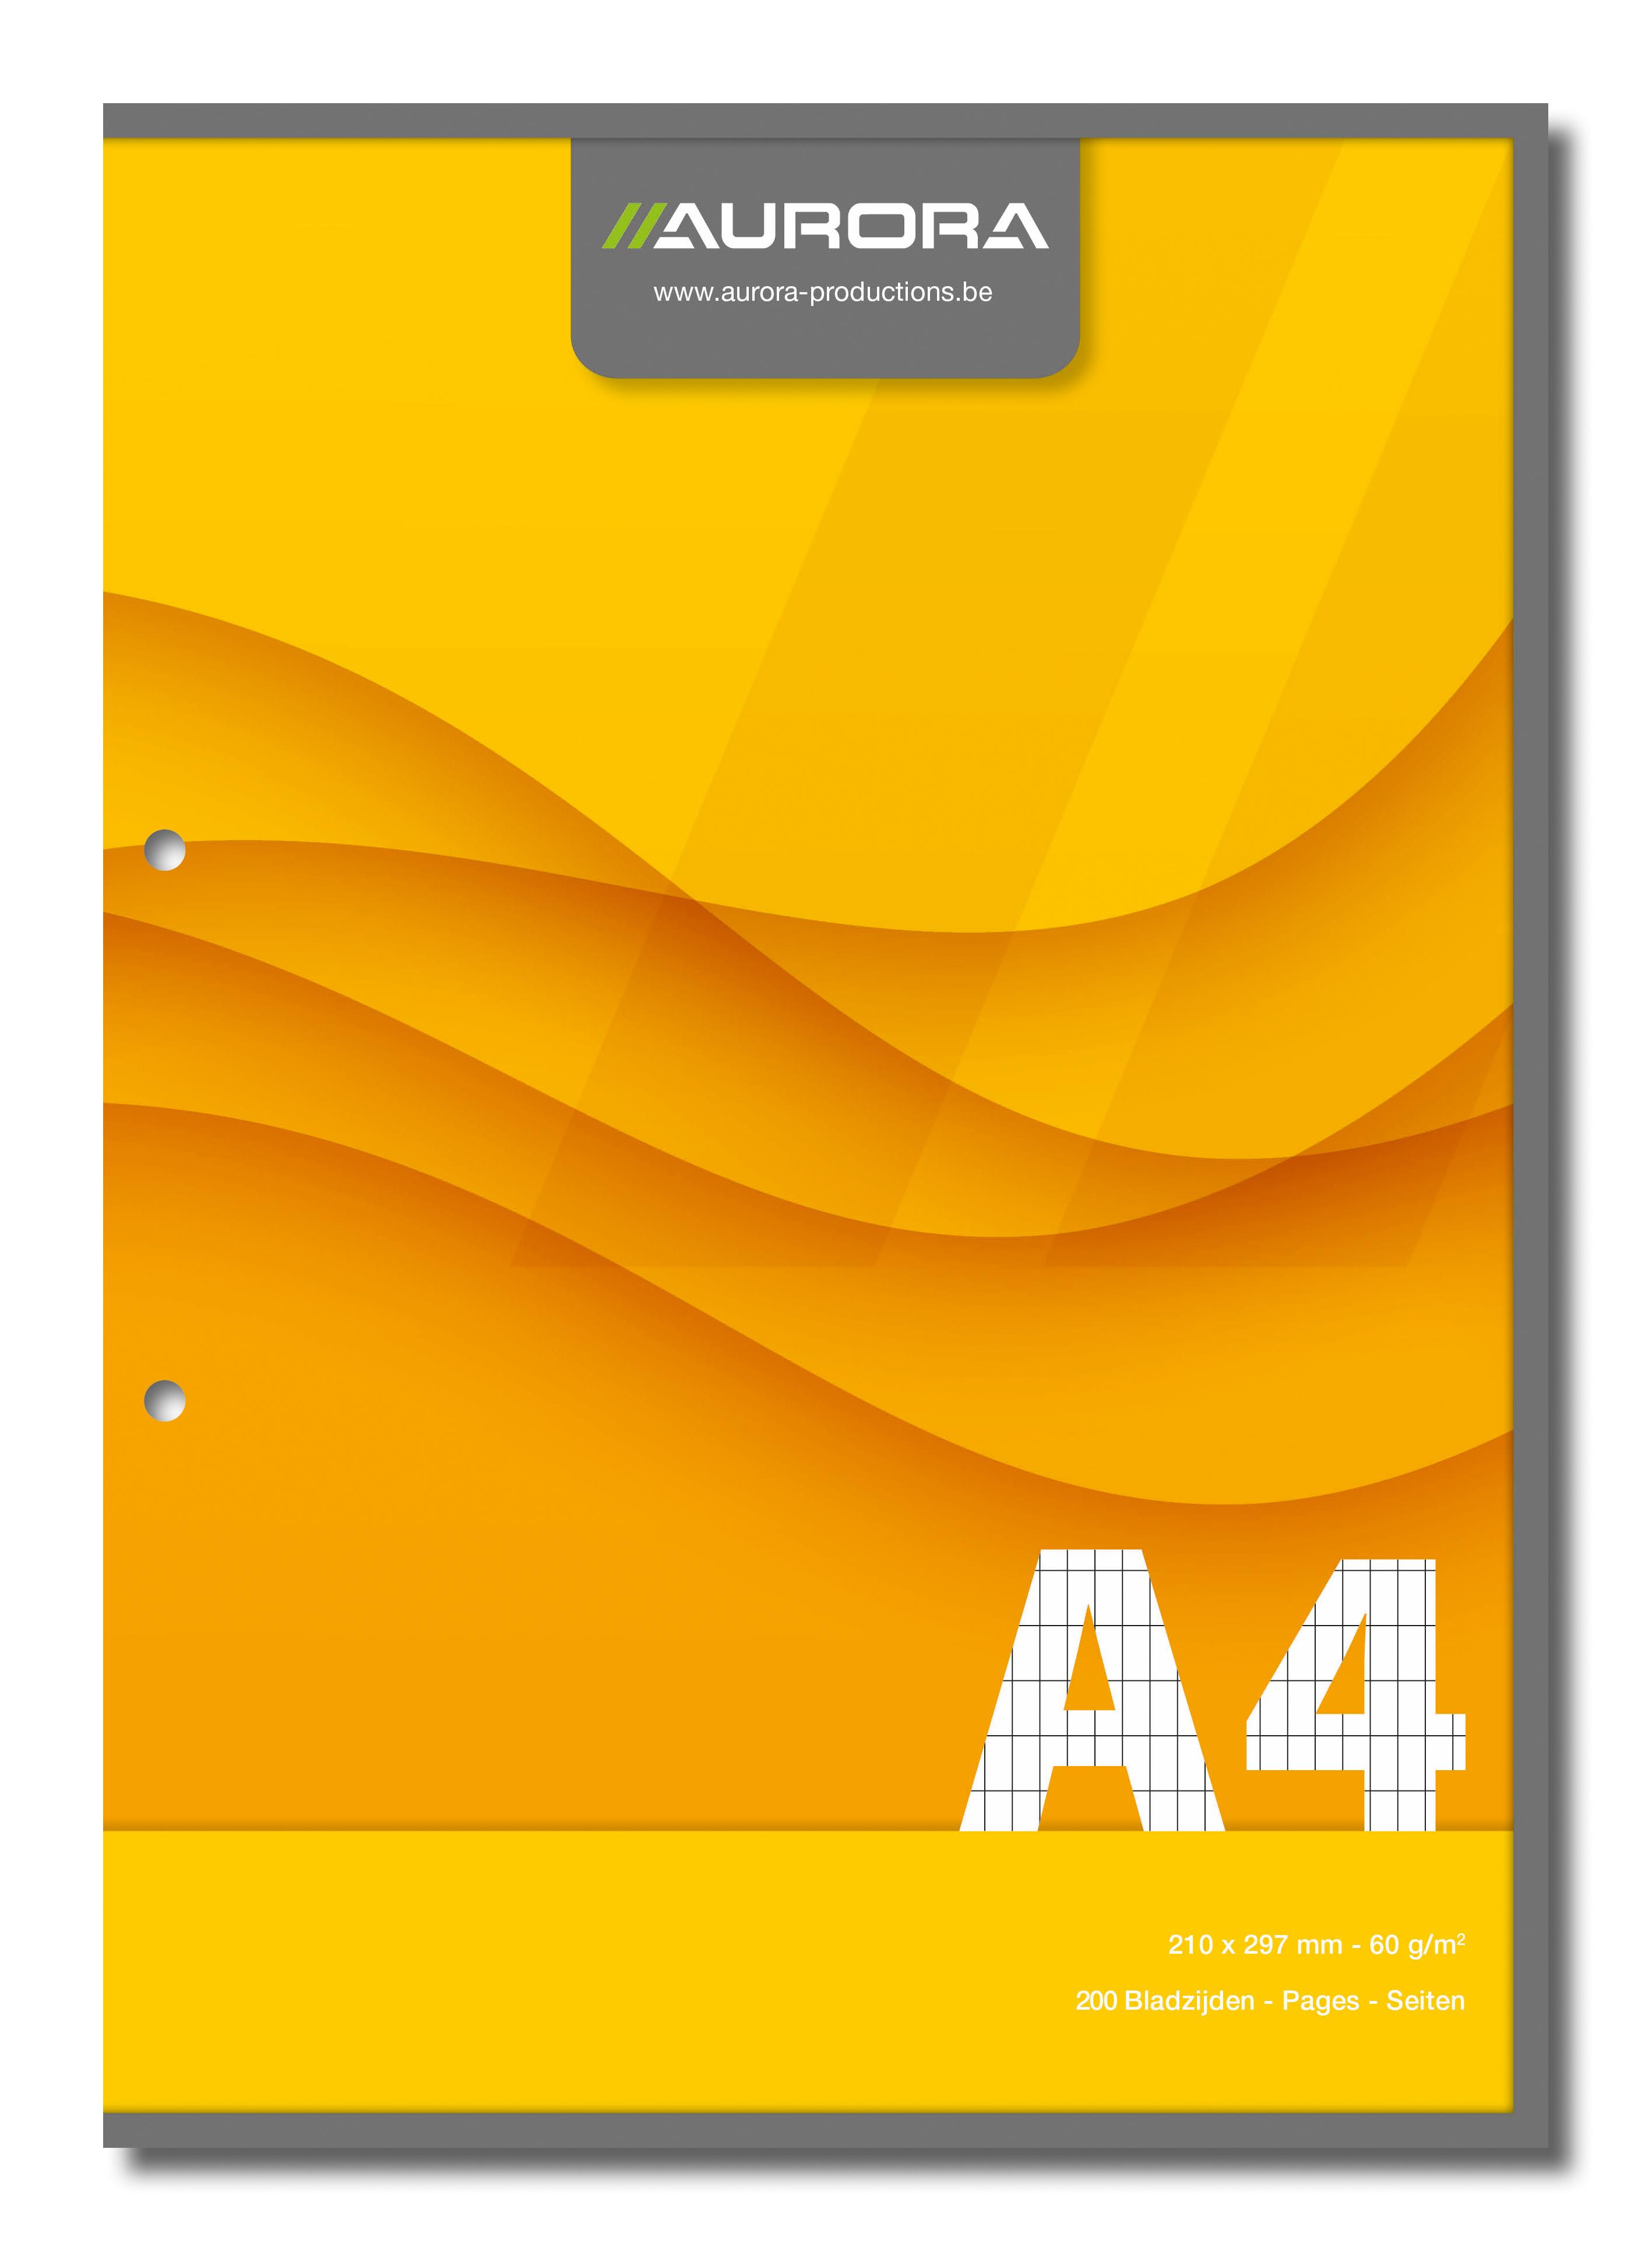 Aurora - Bloc de cours A4 - quadrille 4x8 mm + marge - 200 pages - perforation 2 trous - 60g